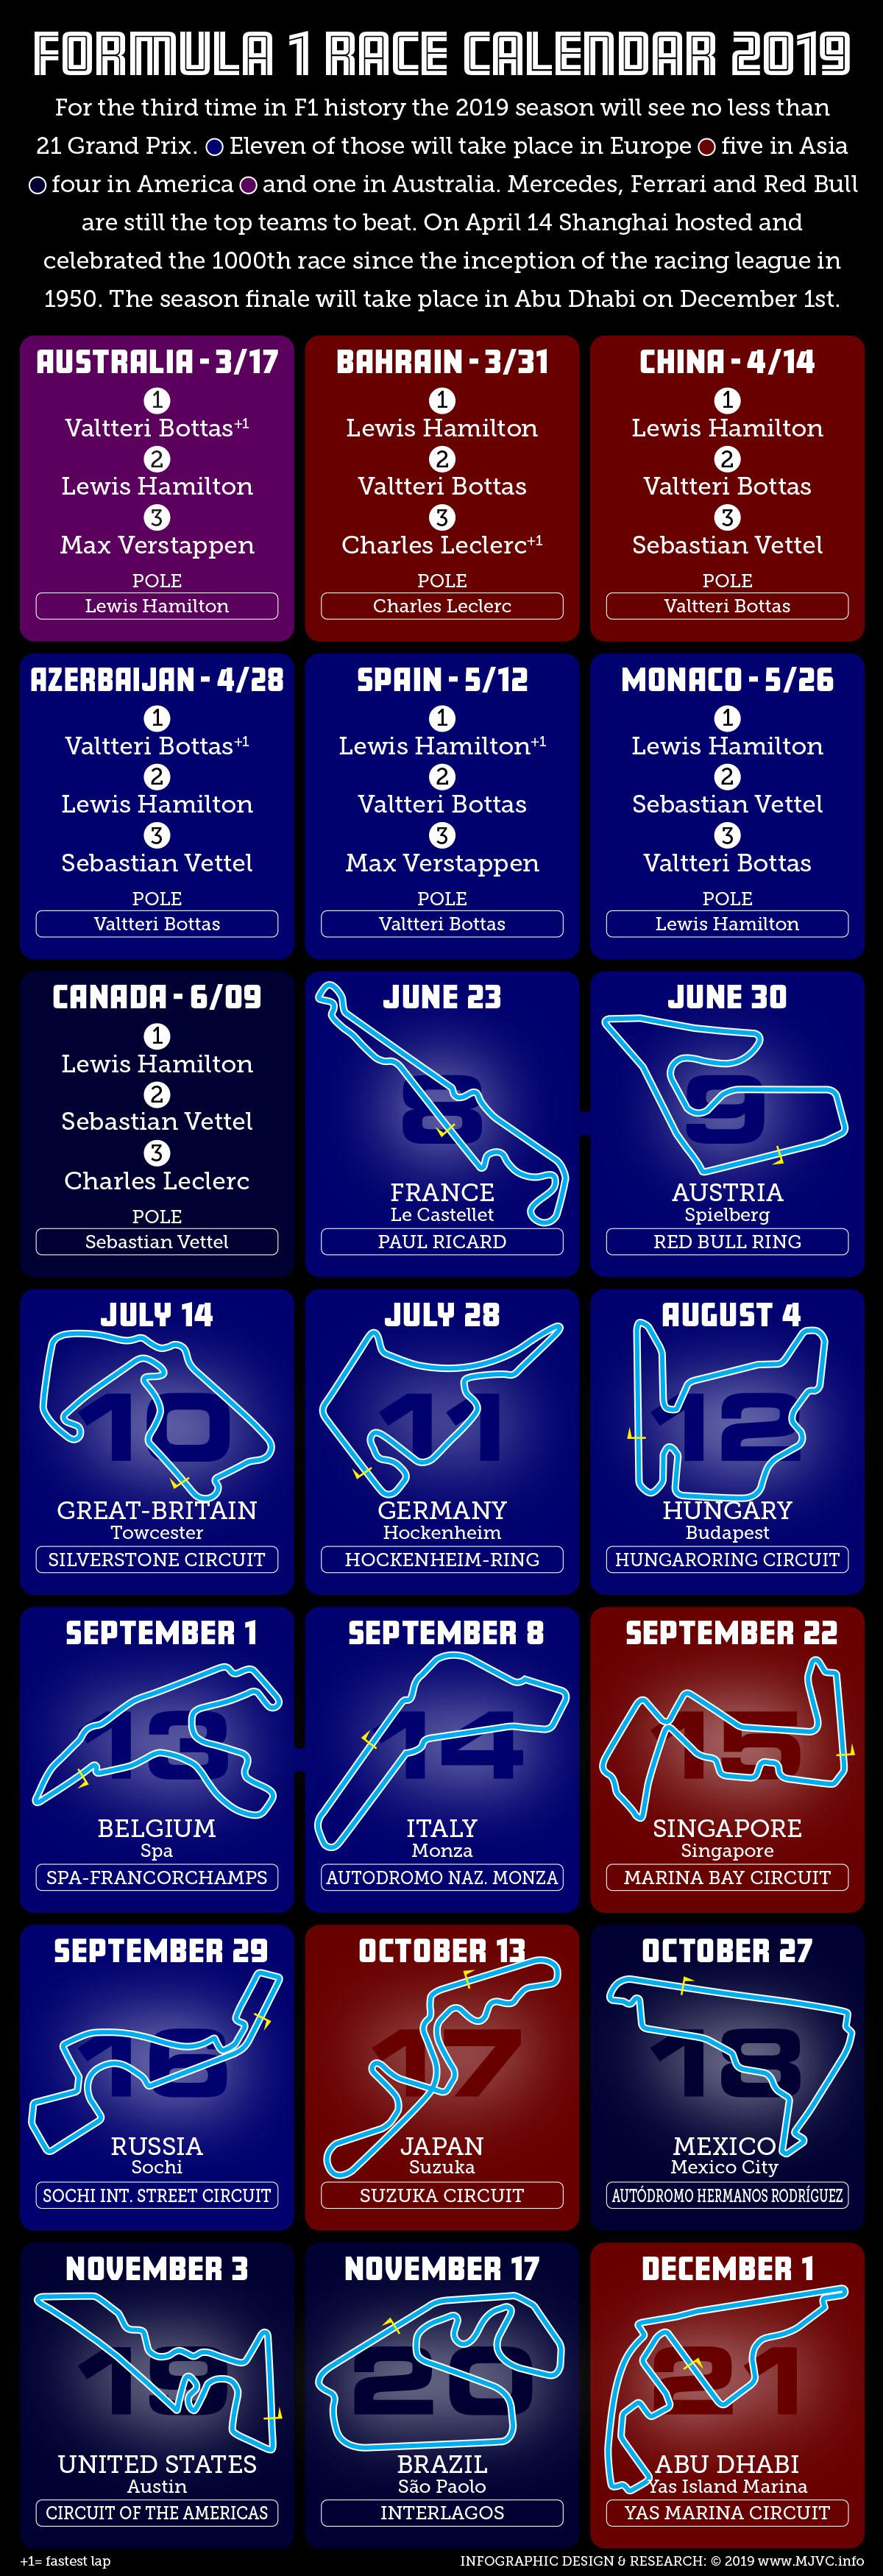 F1 Grand Prix 2019 schedule